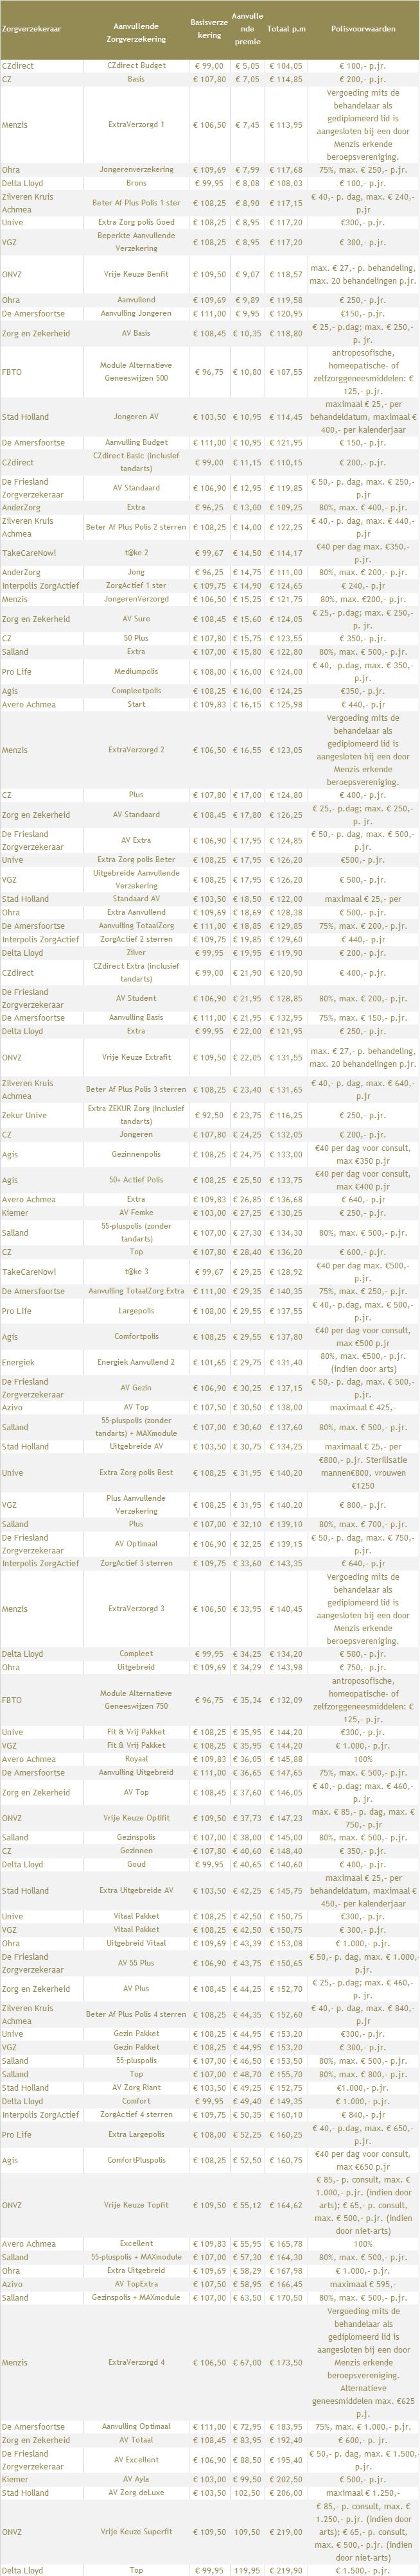 Homeopathie-vergoedingen-zorgverzekeraars-2015